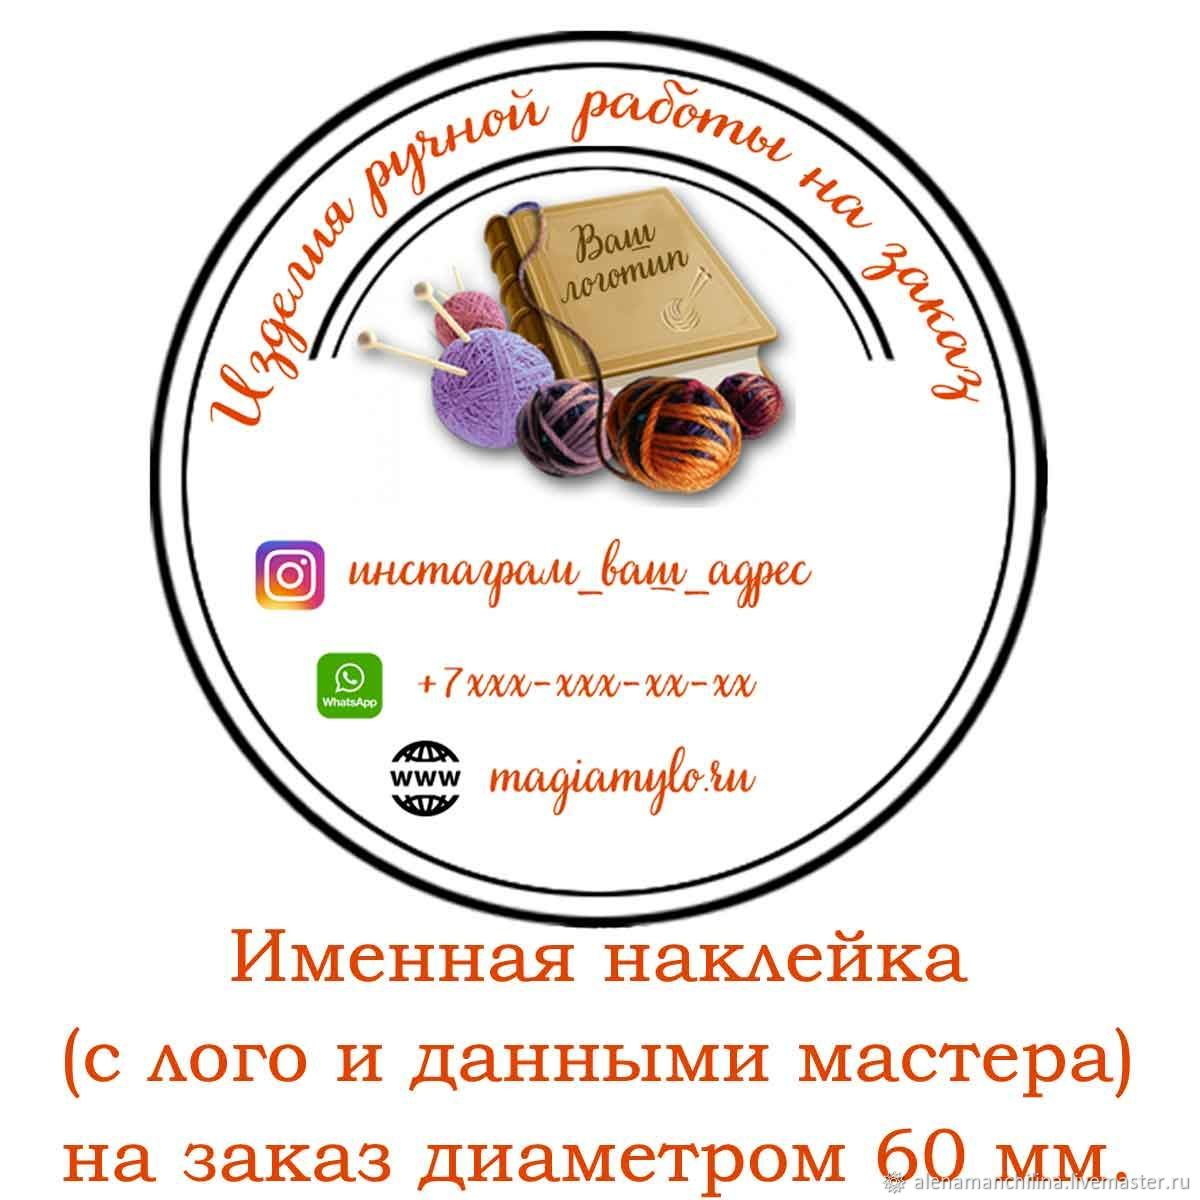 Набор из 120 наклеек диам. 60 мм. на заказ с Вашим лого и текстом, Этикетки, Вольск,  Фото №1